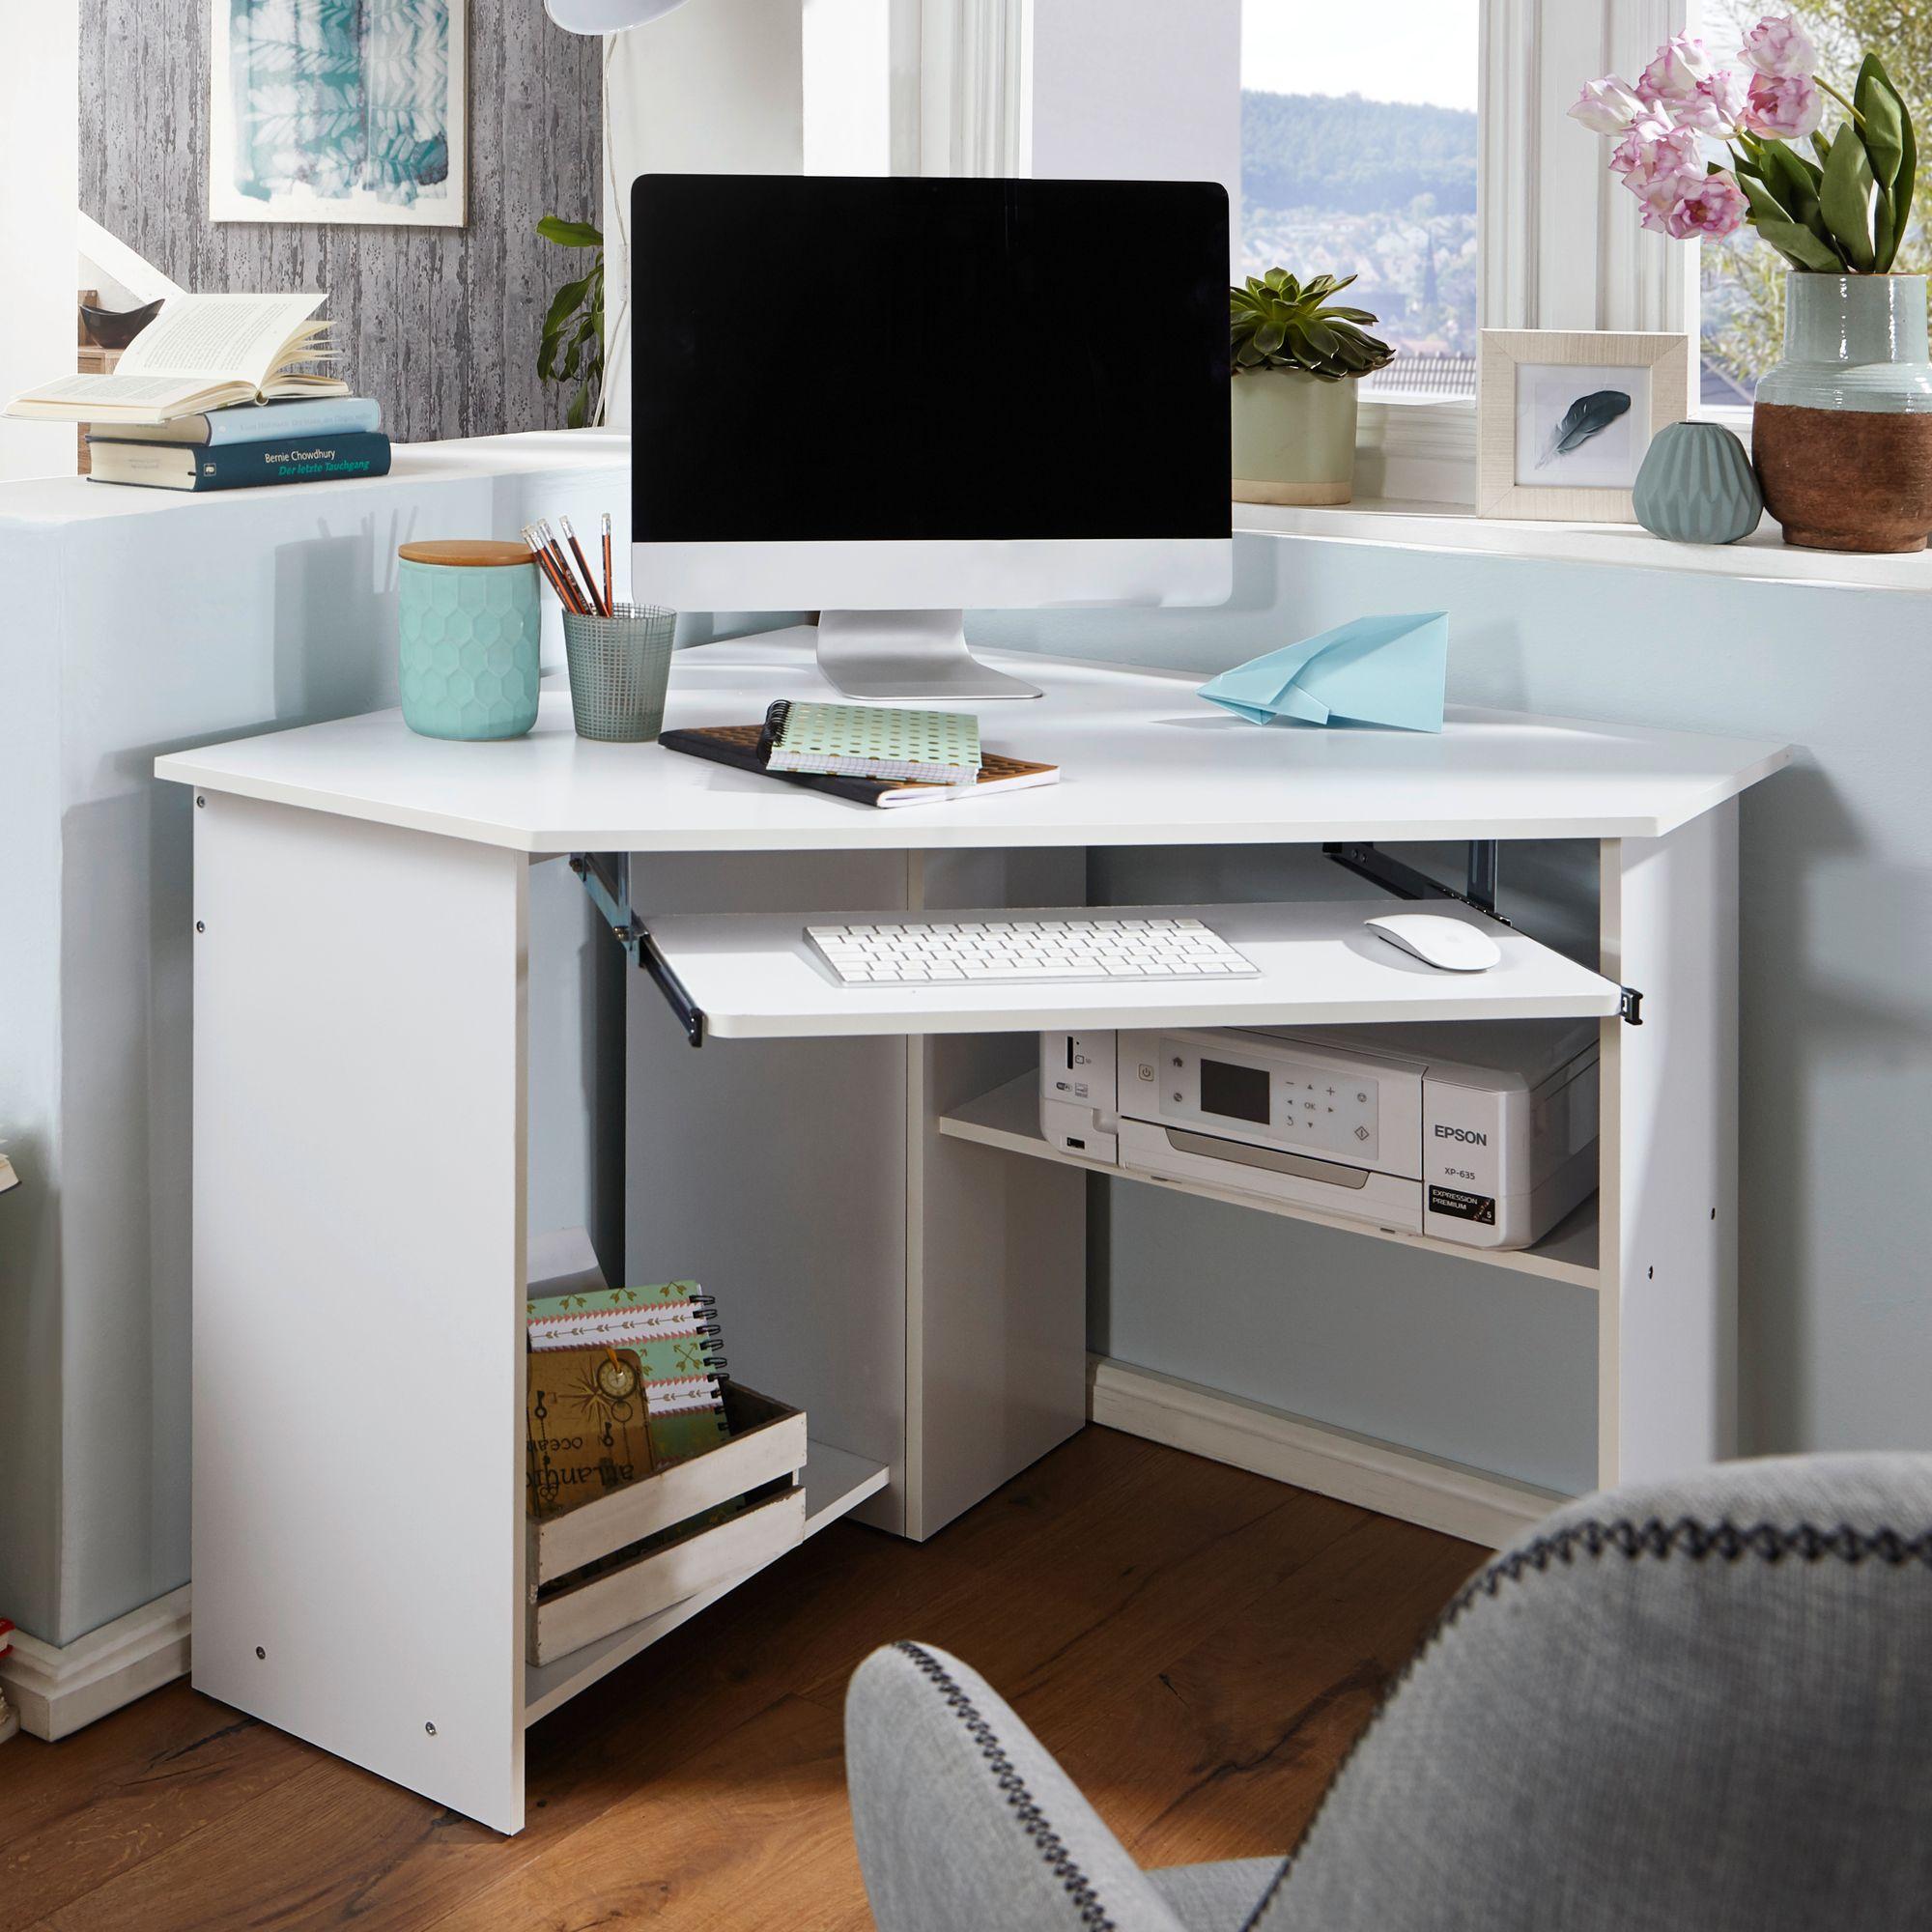 eckschreibtisch b ro schreibtisch computertisch wei mit. Black Bedroom Furniture Sets. Home Design Ideas